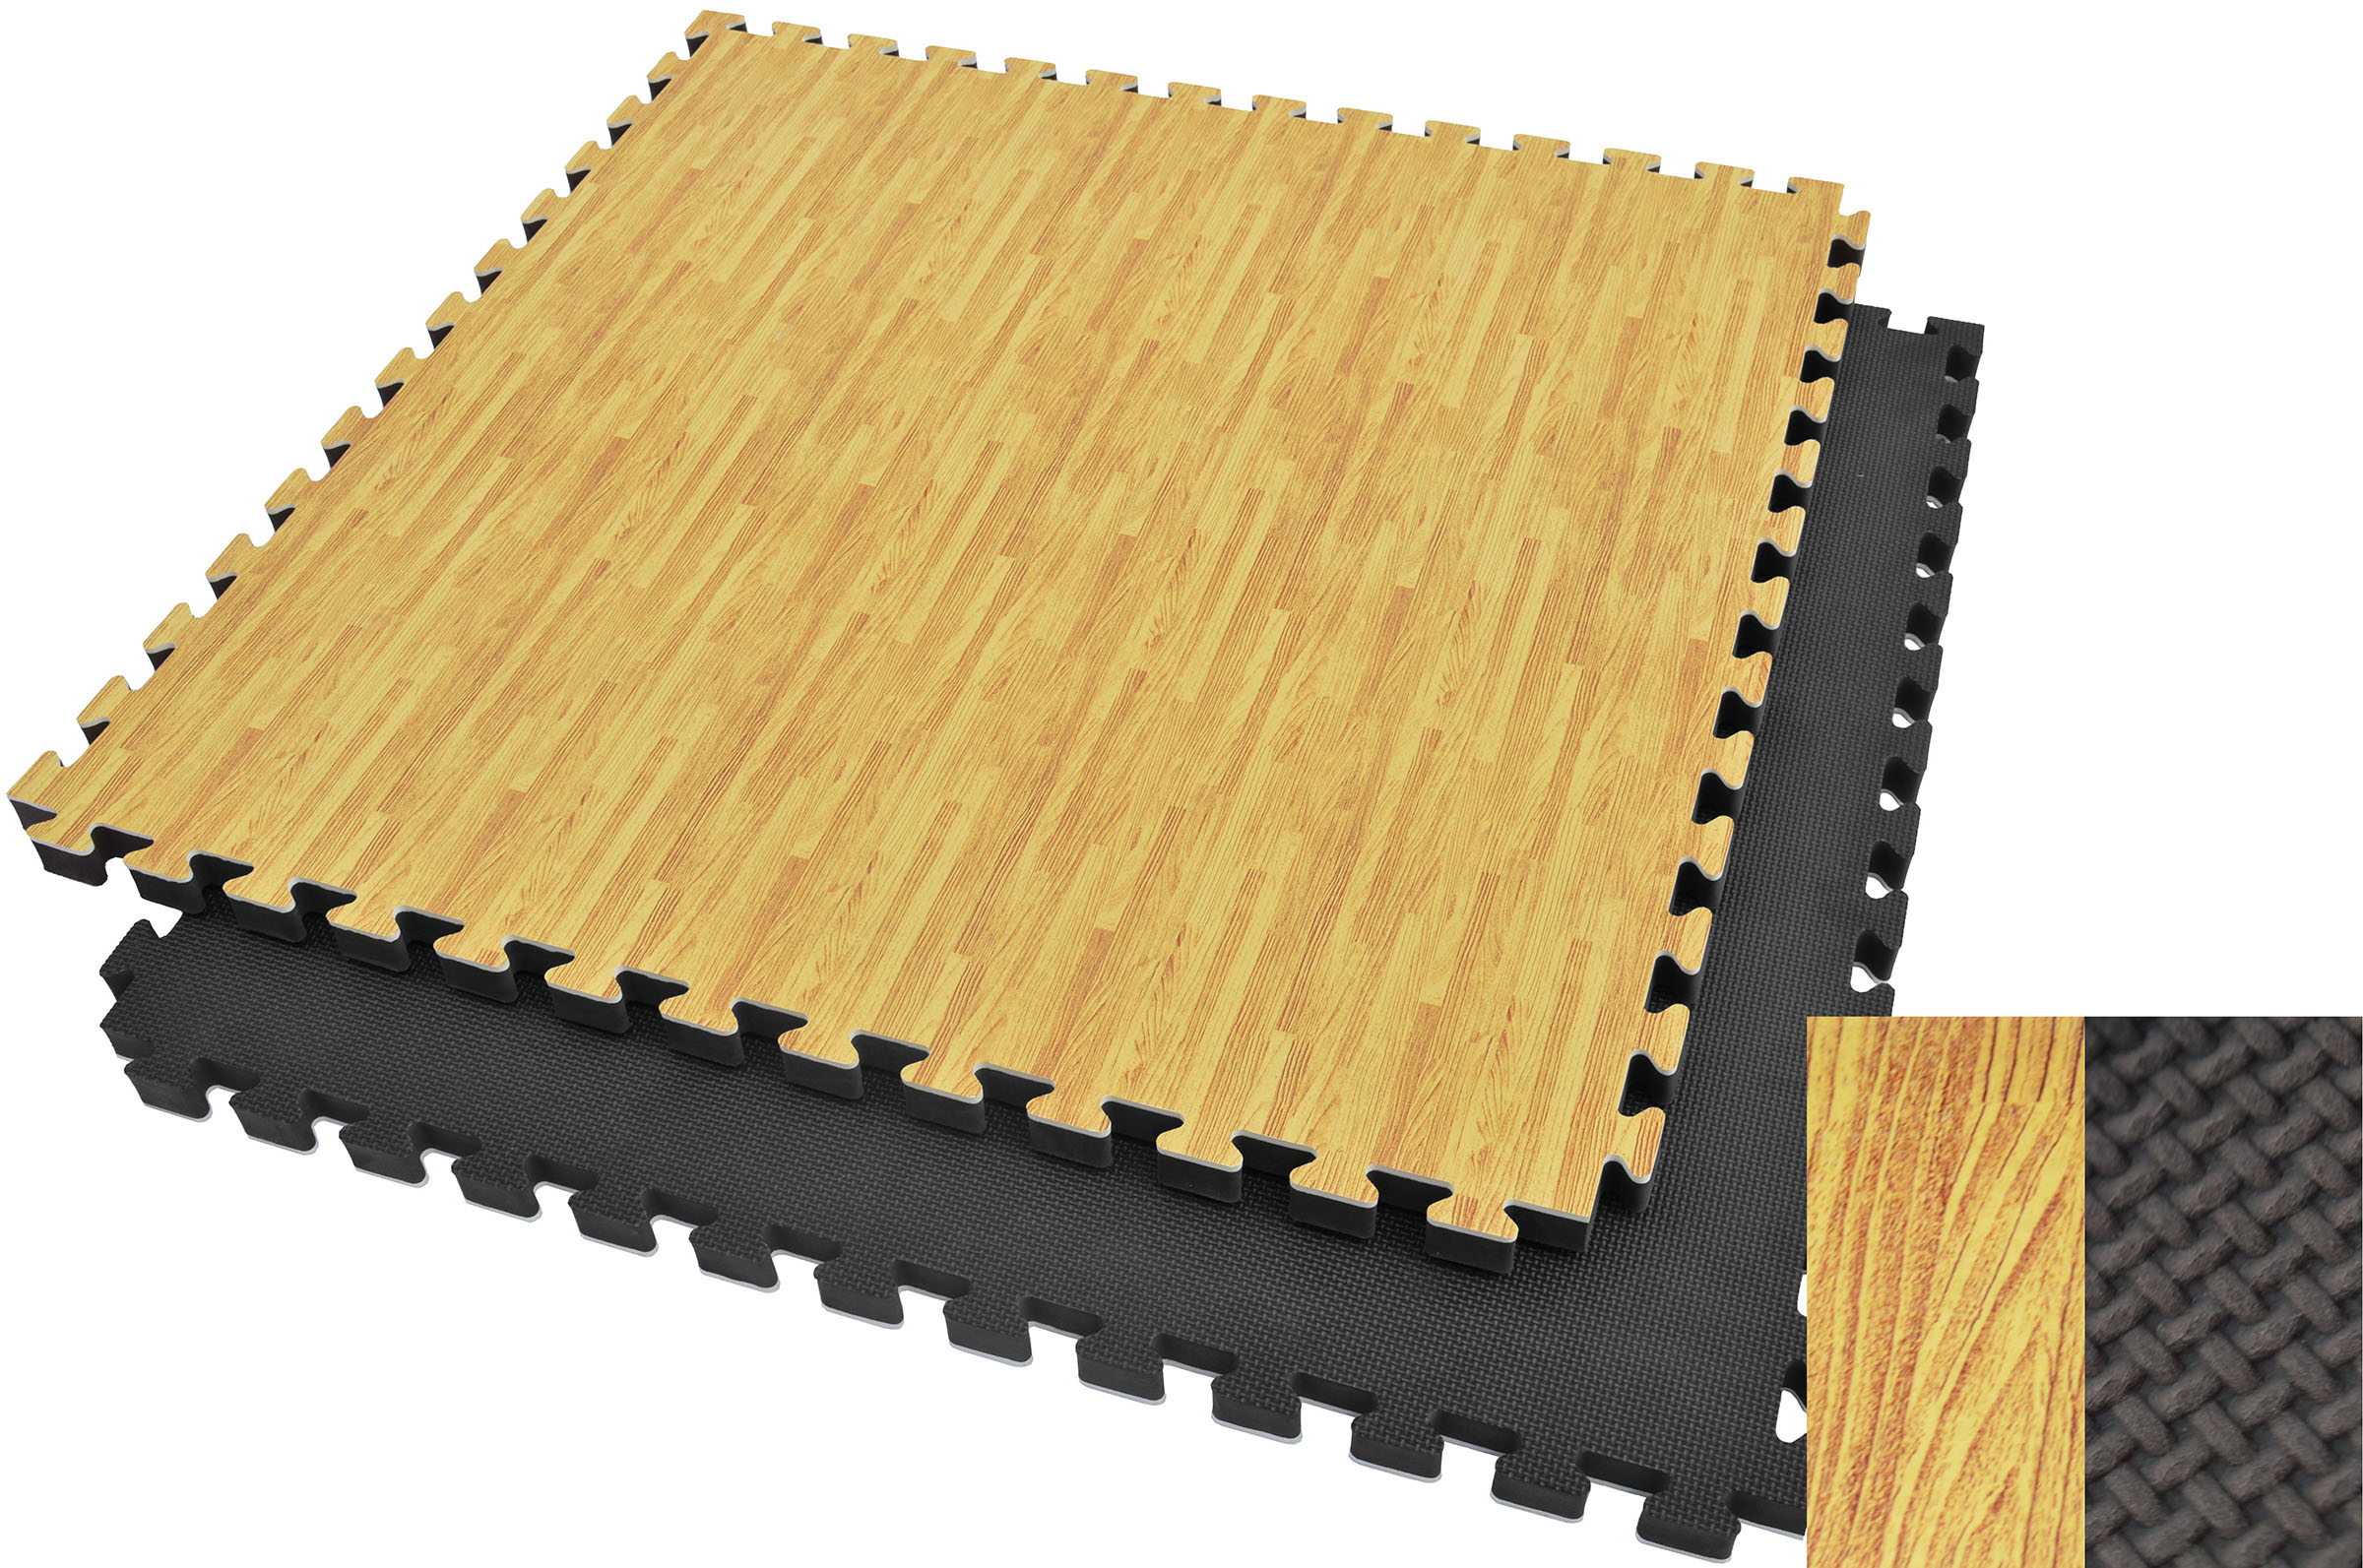 foam jigsaw deal daily mota giant mats mat floor piece puzzle alphabet lifestyles play yugster